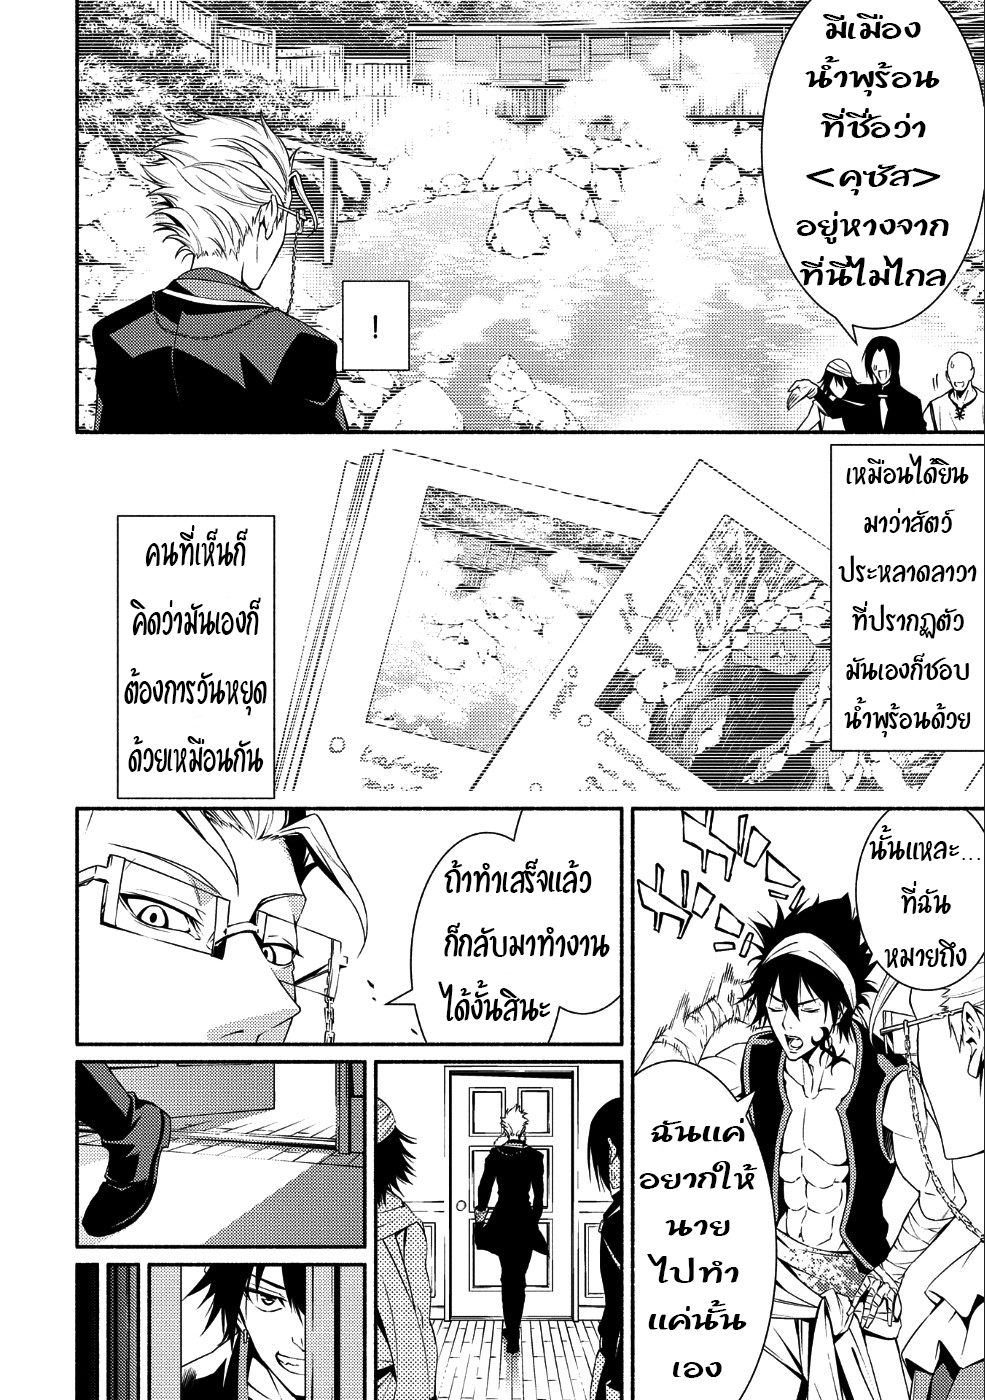 อ่านการ์ตูน Saikyou Party no Zatsuyougakari Ossan wa Muriyari Kyuuka o Tora Sareta you desu ตอนที่ 1 หน้าที่ 11